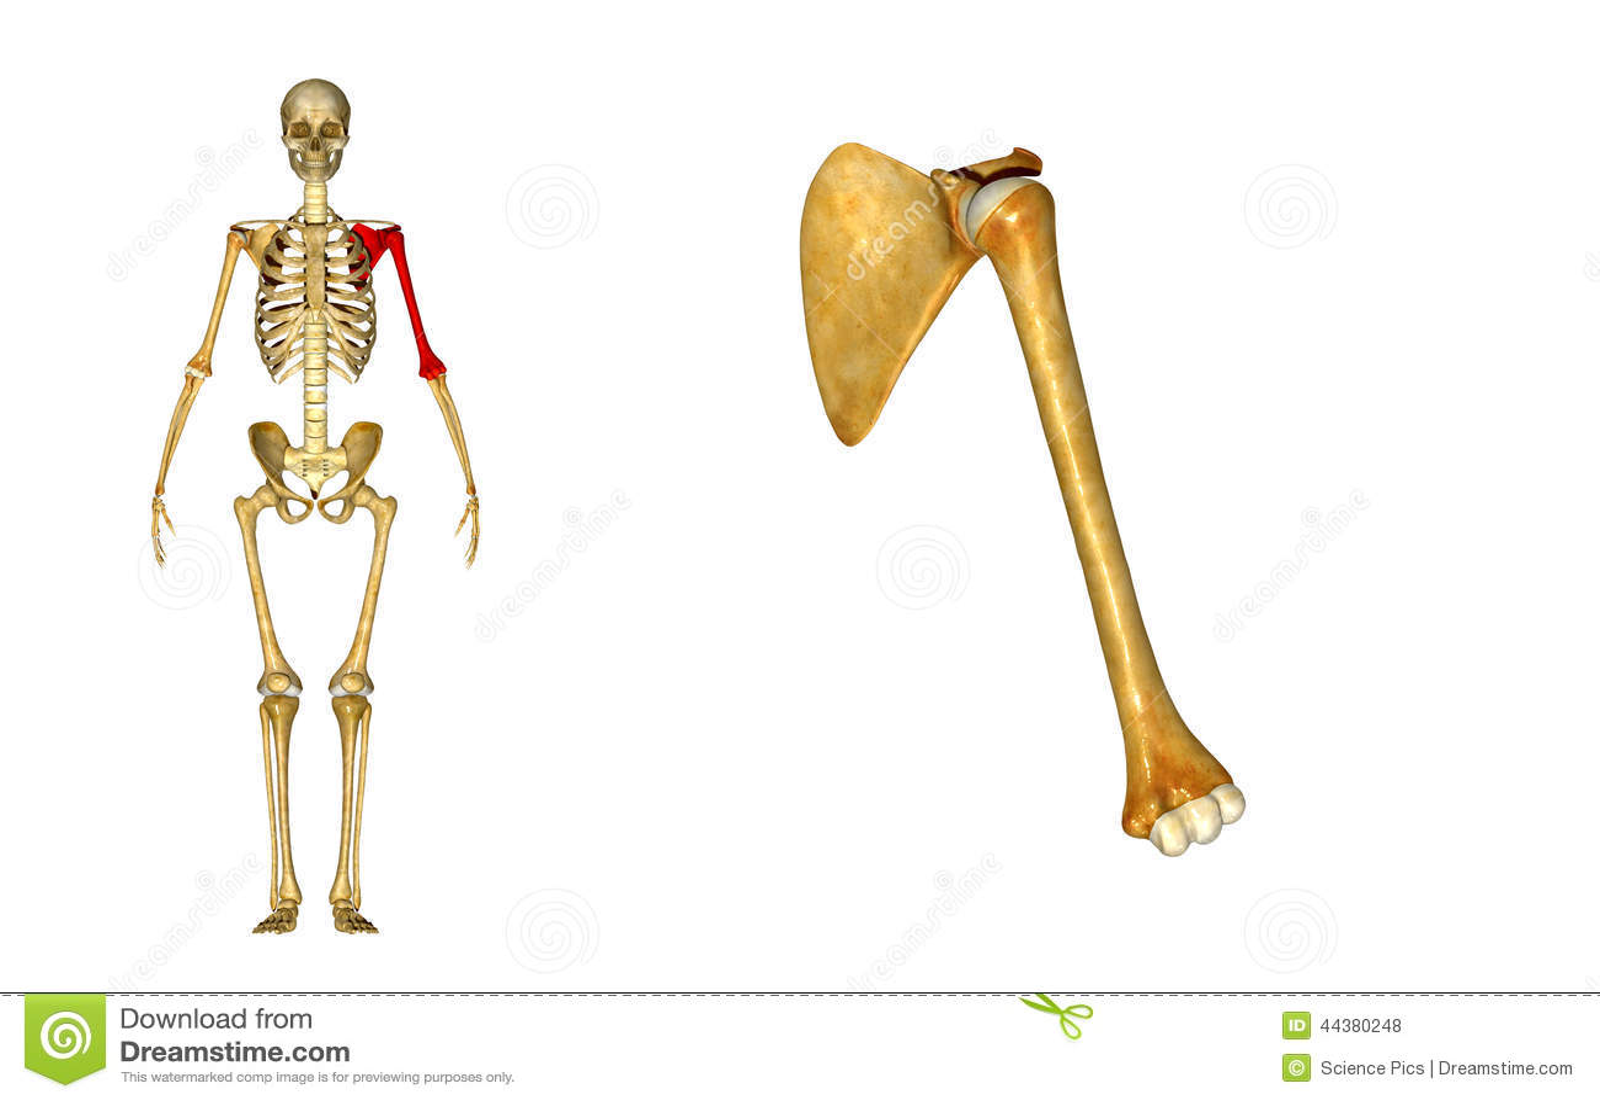 Ziemlich Knochen Humerus Galerie - Anatomie Und Physiologie Knochen ...